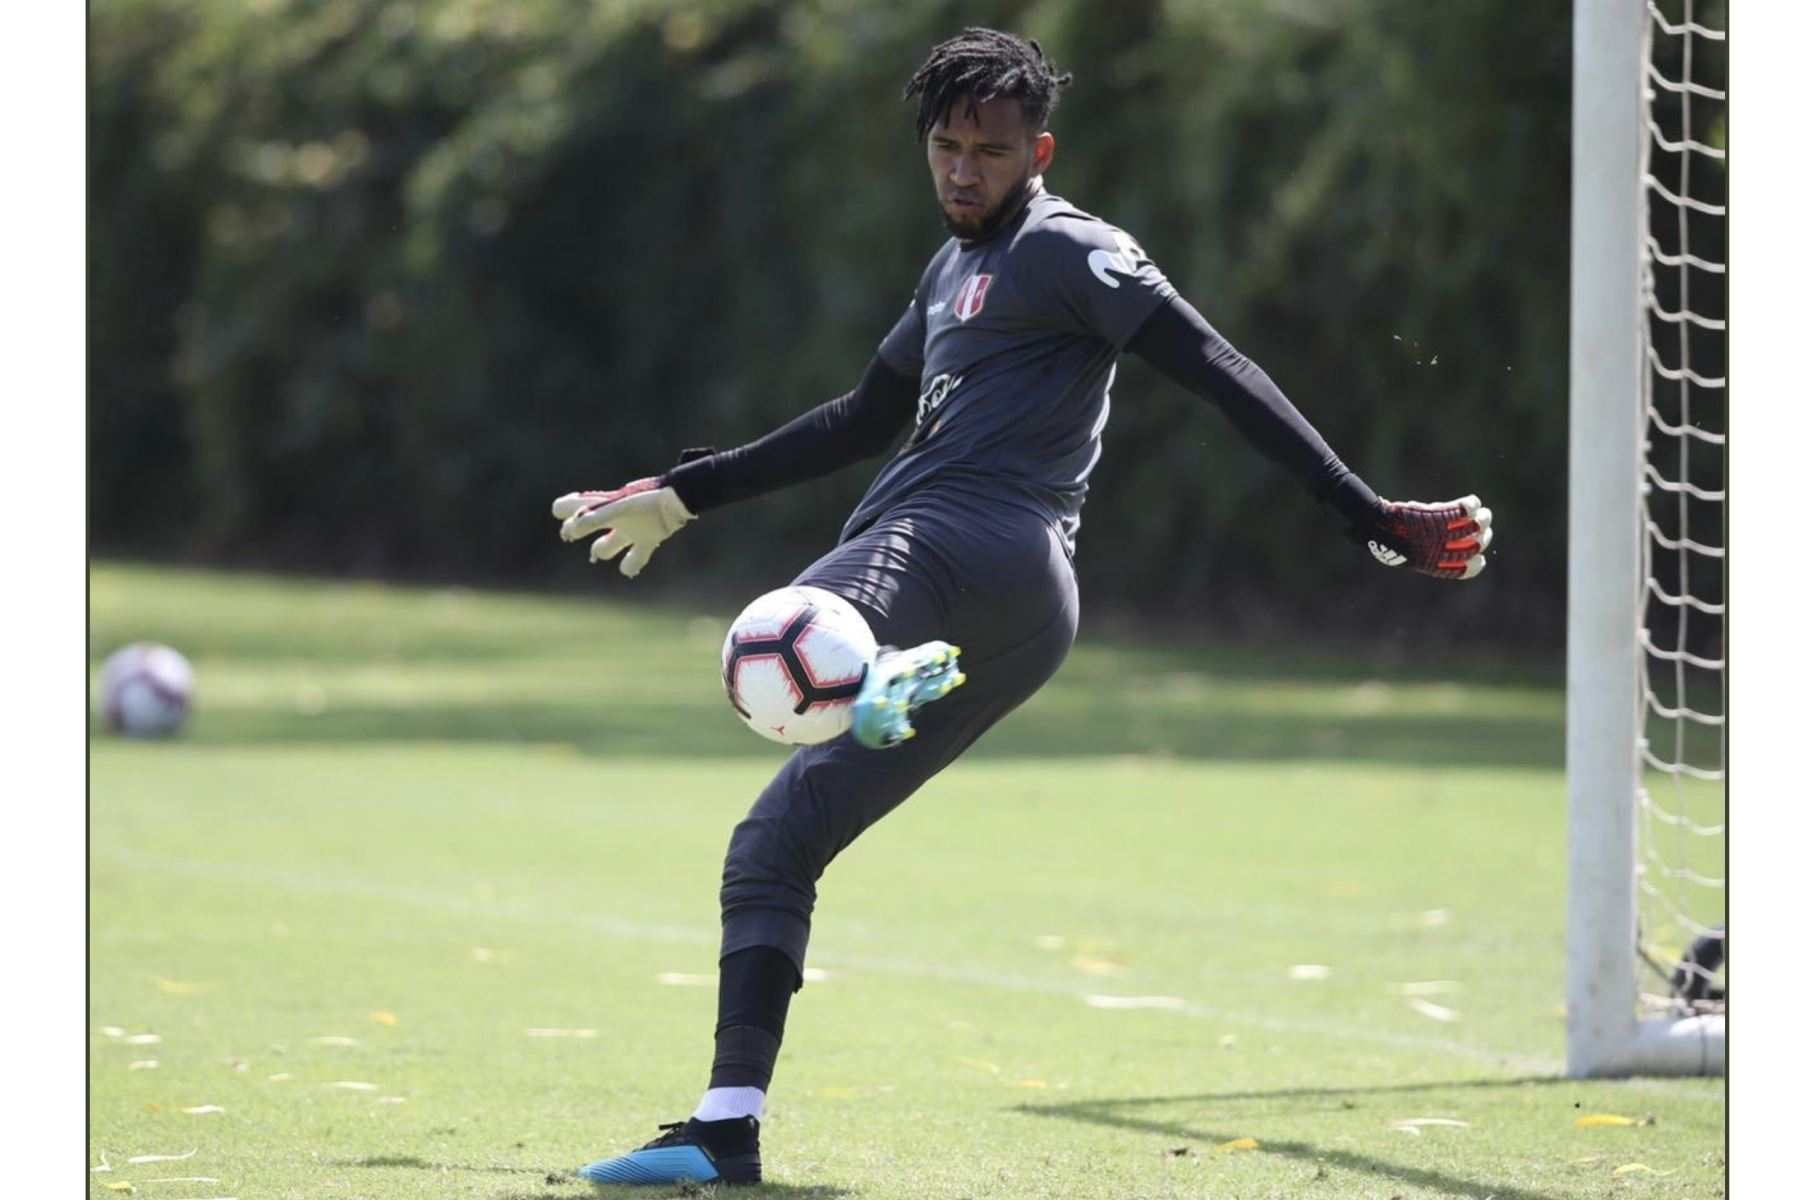 Pedro Gallese, entreno en La selección Peruana de futbol al mando del profesor Ricardo Gareca en el Banc of California Stadium.Foto:ANDINA/FPF